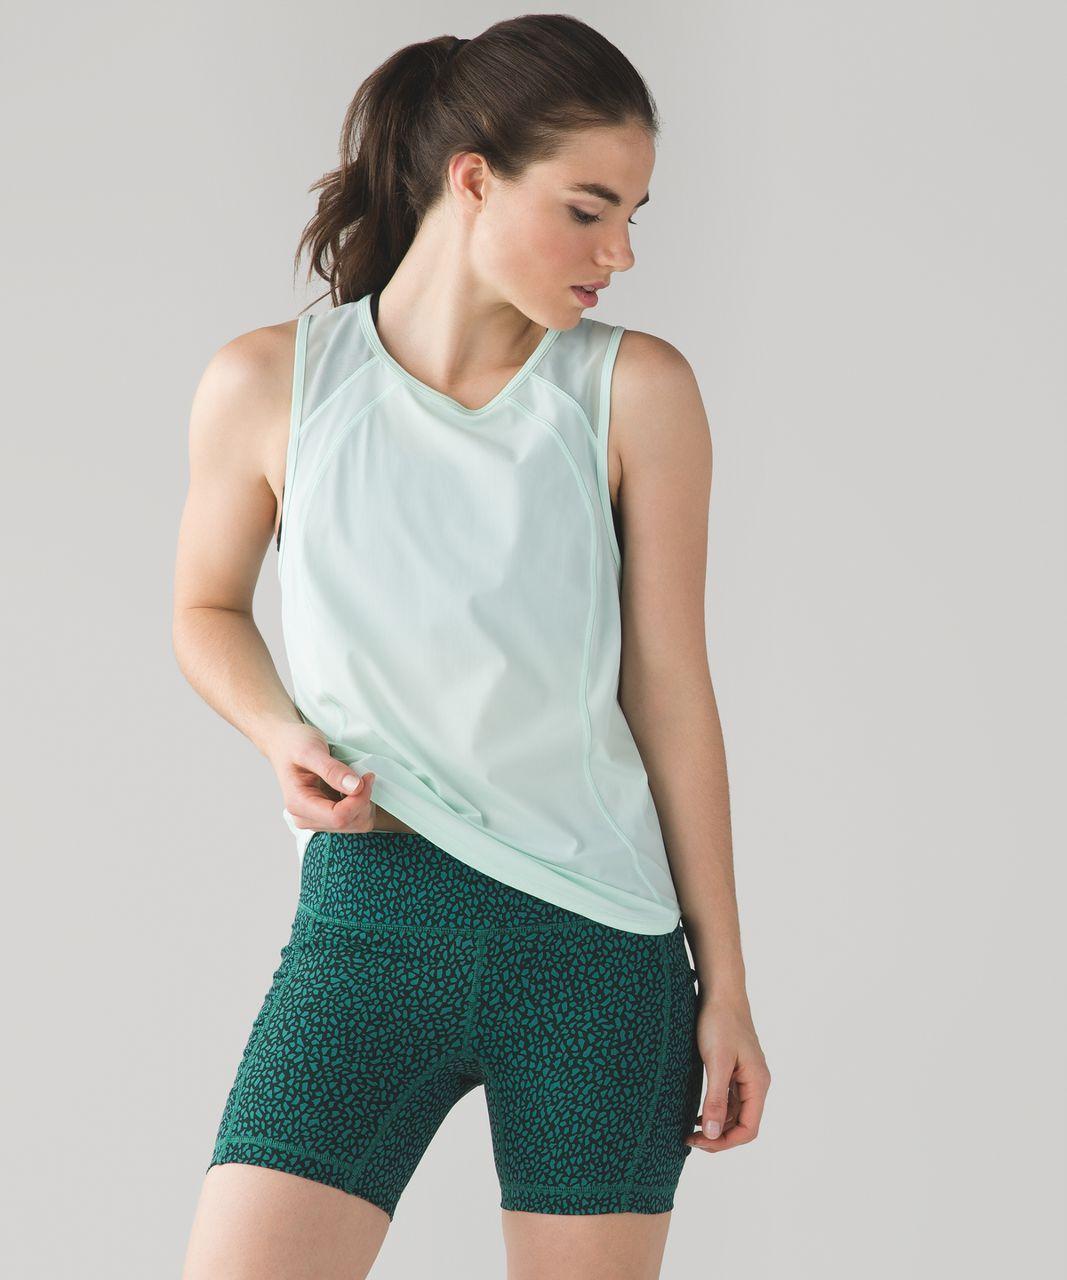 Lululemon Speed Track Short - Miss Mosaic Hunter Green Deep Green